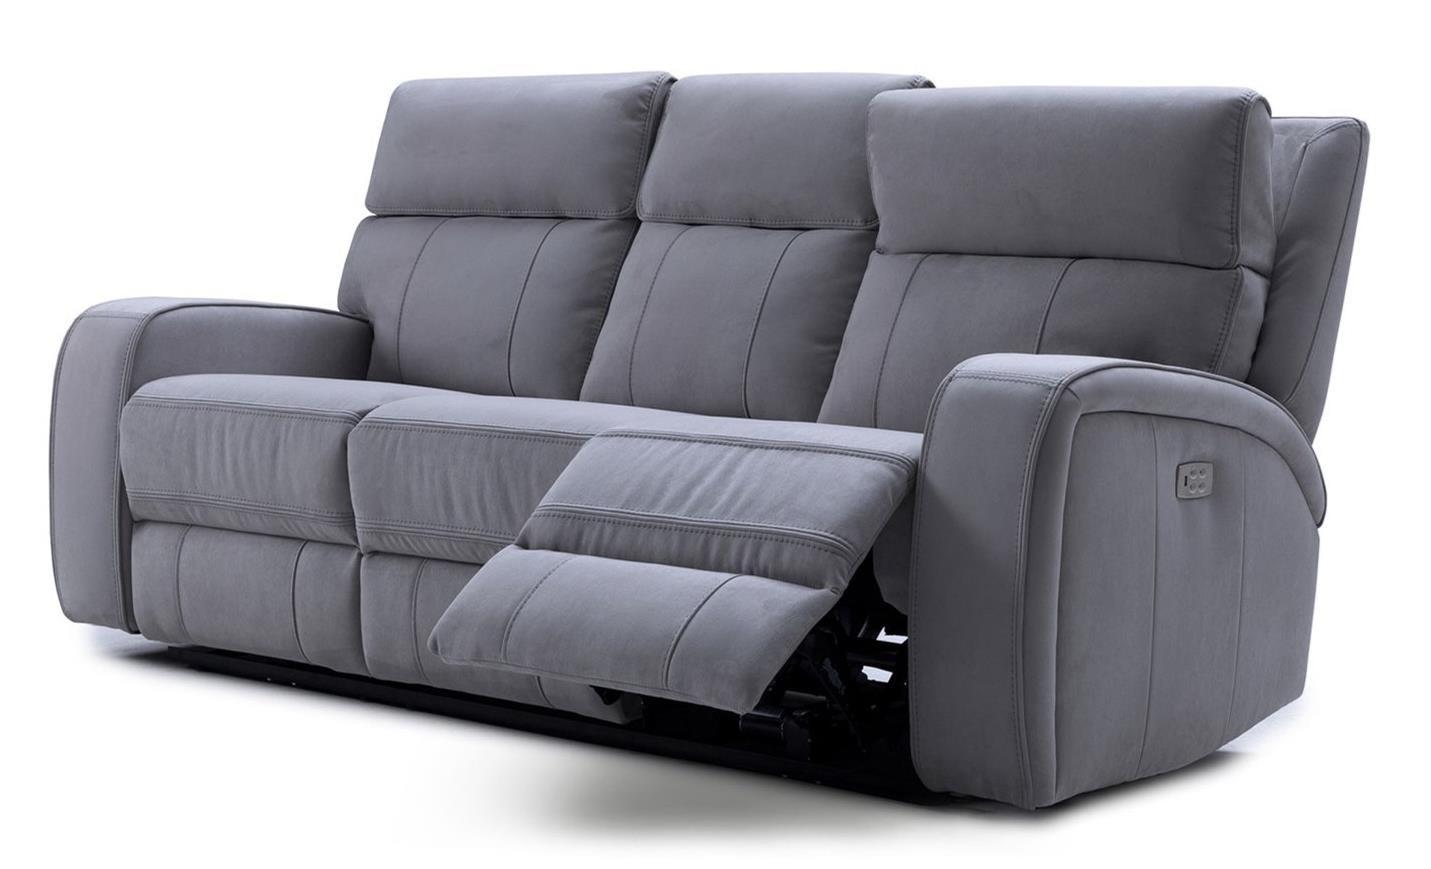 Power Recline Sofa w/ Pwr Headrest